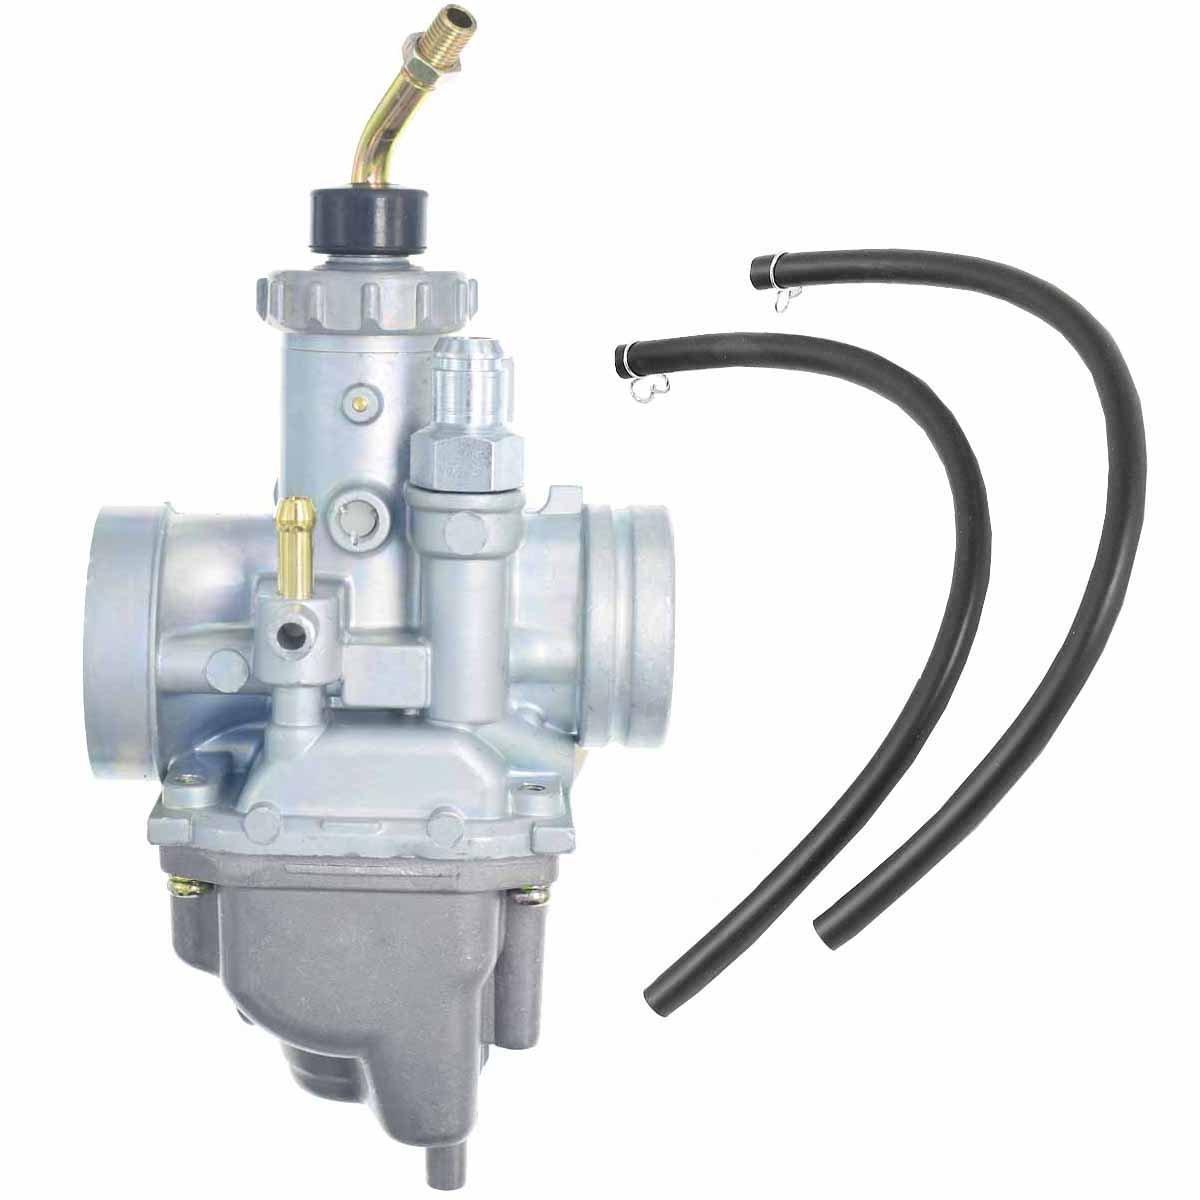 New TTR125 Carburetor for YAMAHA TTR 125 TTR-125 Carb Carborator 2000-2007 Yamaha TTR125L TTR125E TTR125LETTR125